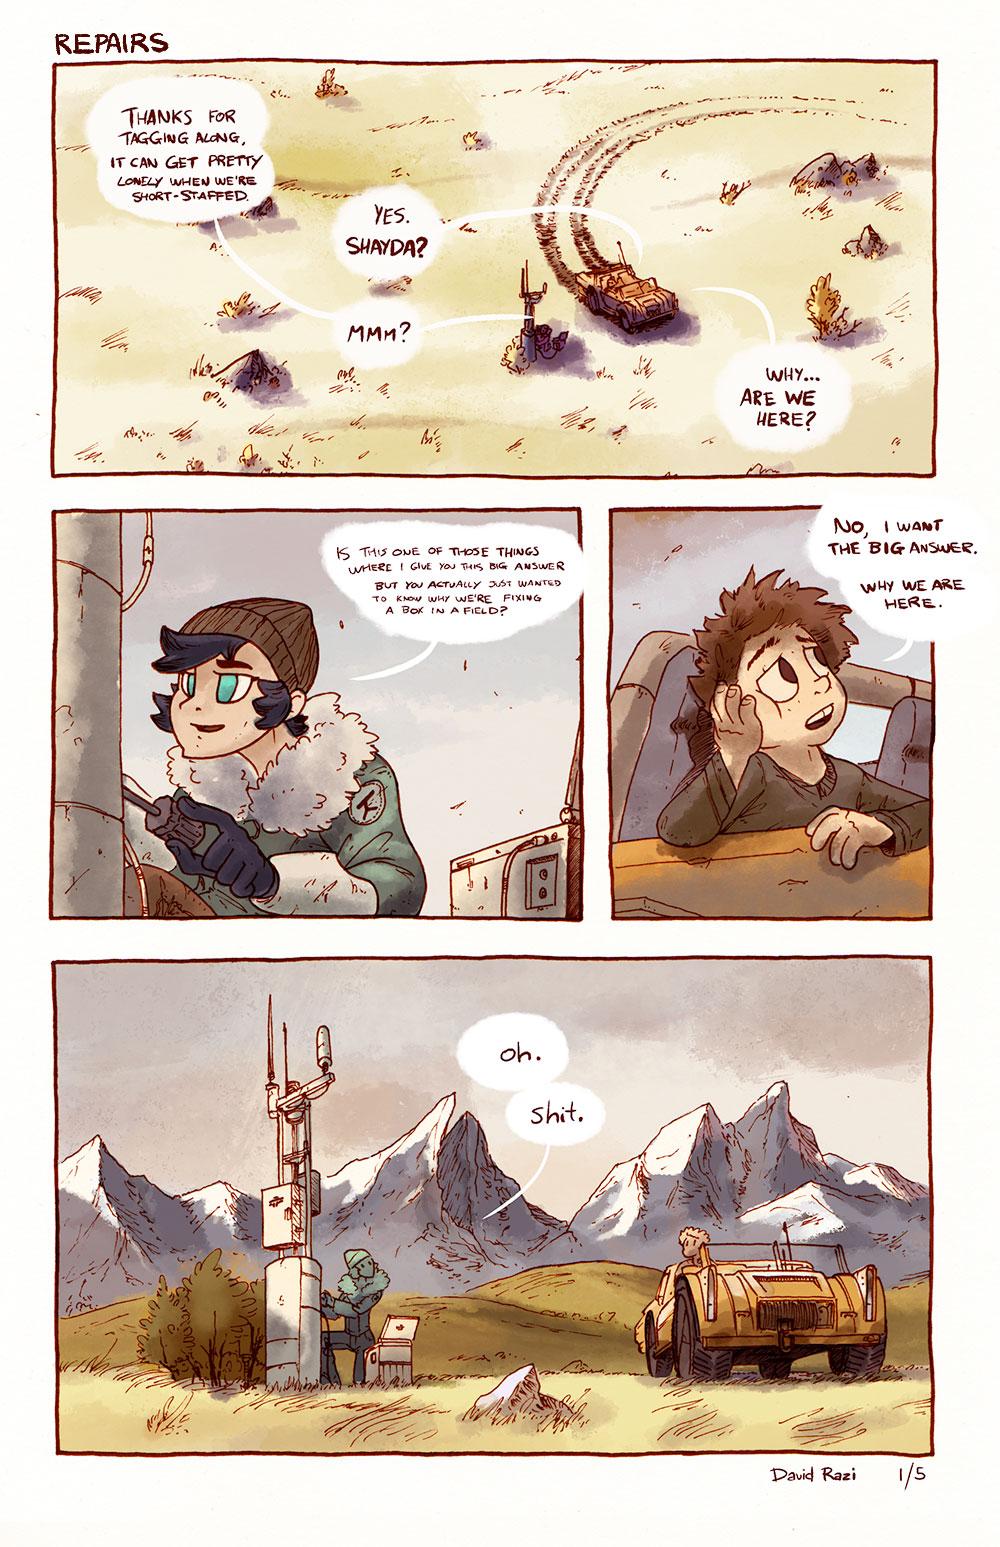 Maps Comic - Repairs 1/5